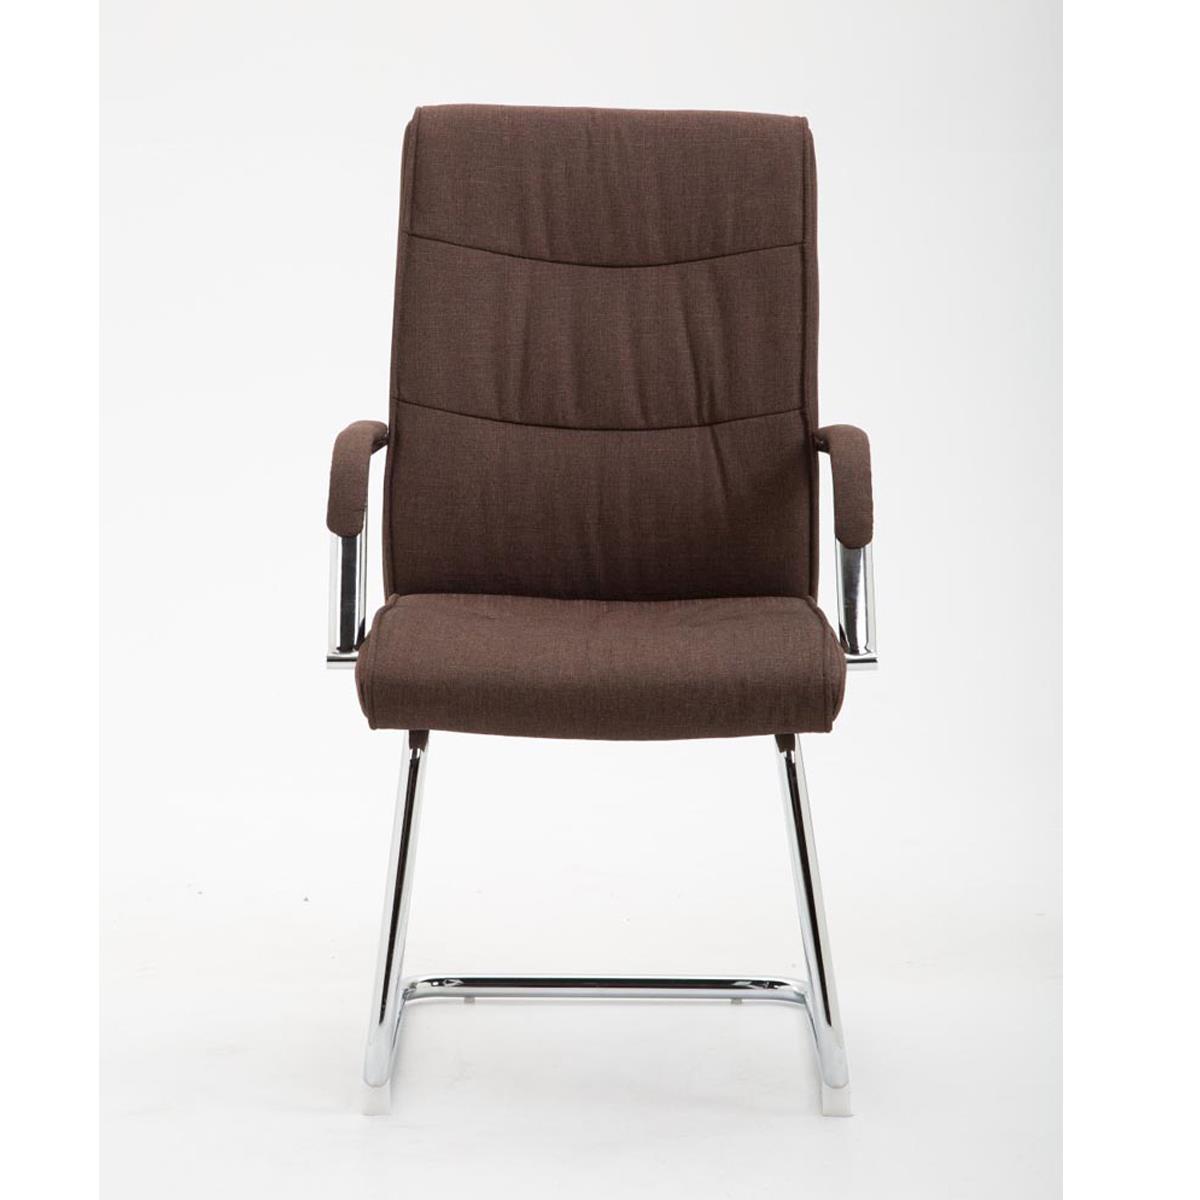 Tissu De La Reunion chaise de réunion elsa tissu, structure métallique, rembourrage Épais, en  tissu marron